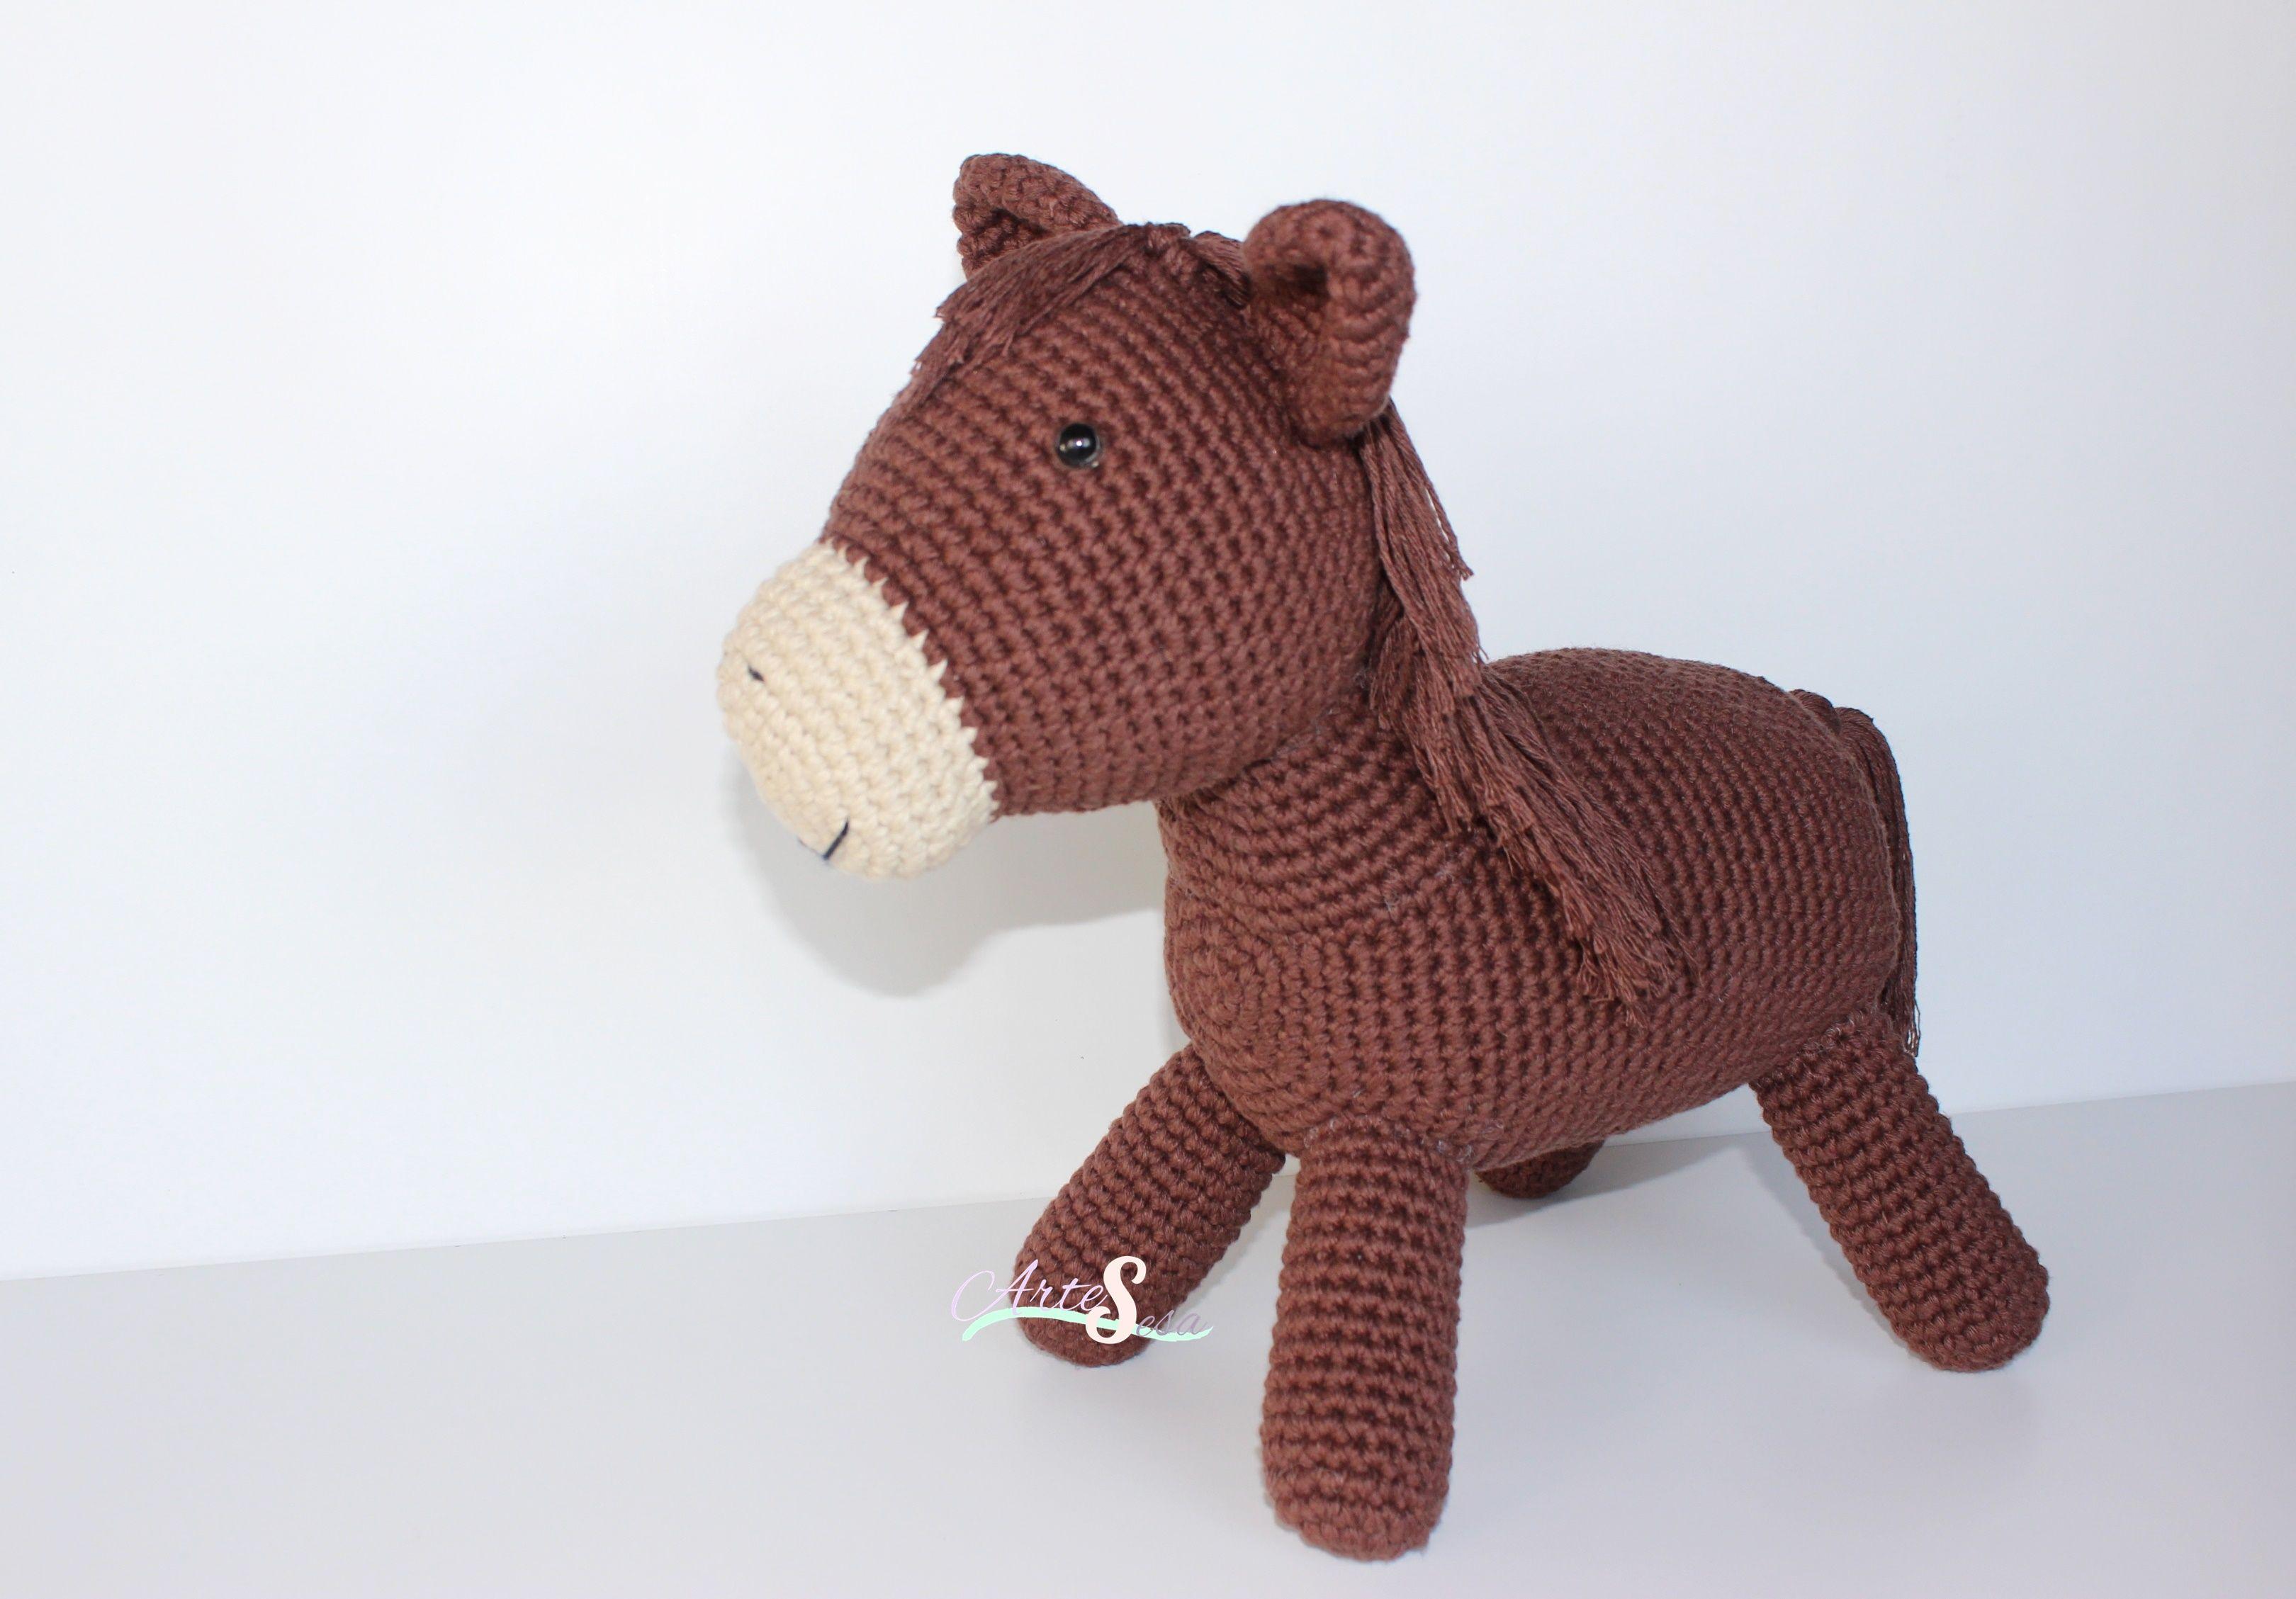 caballo tejido a ganchillo,caballo amigurumi | Artesesa | Pinterest ...